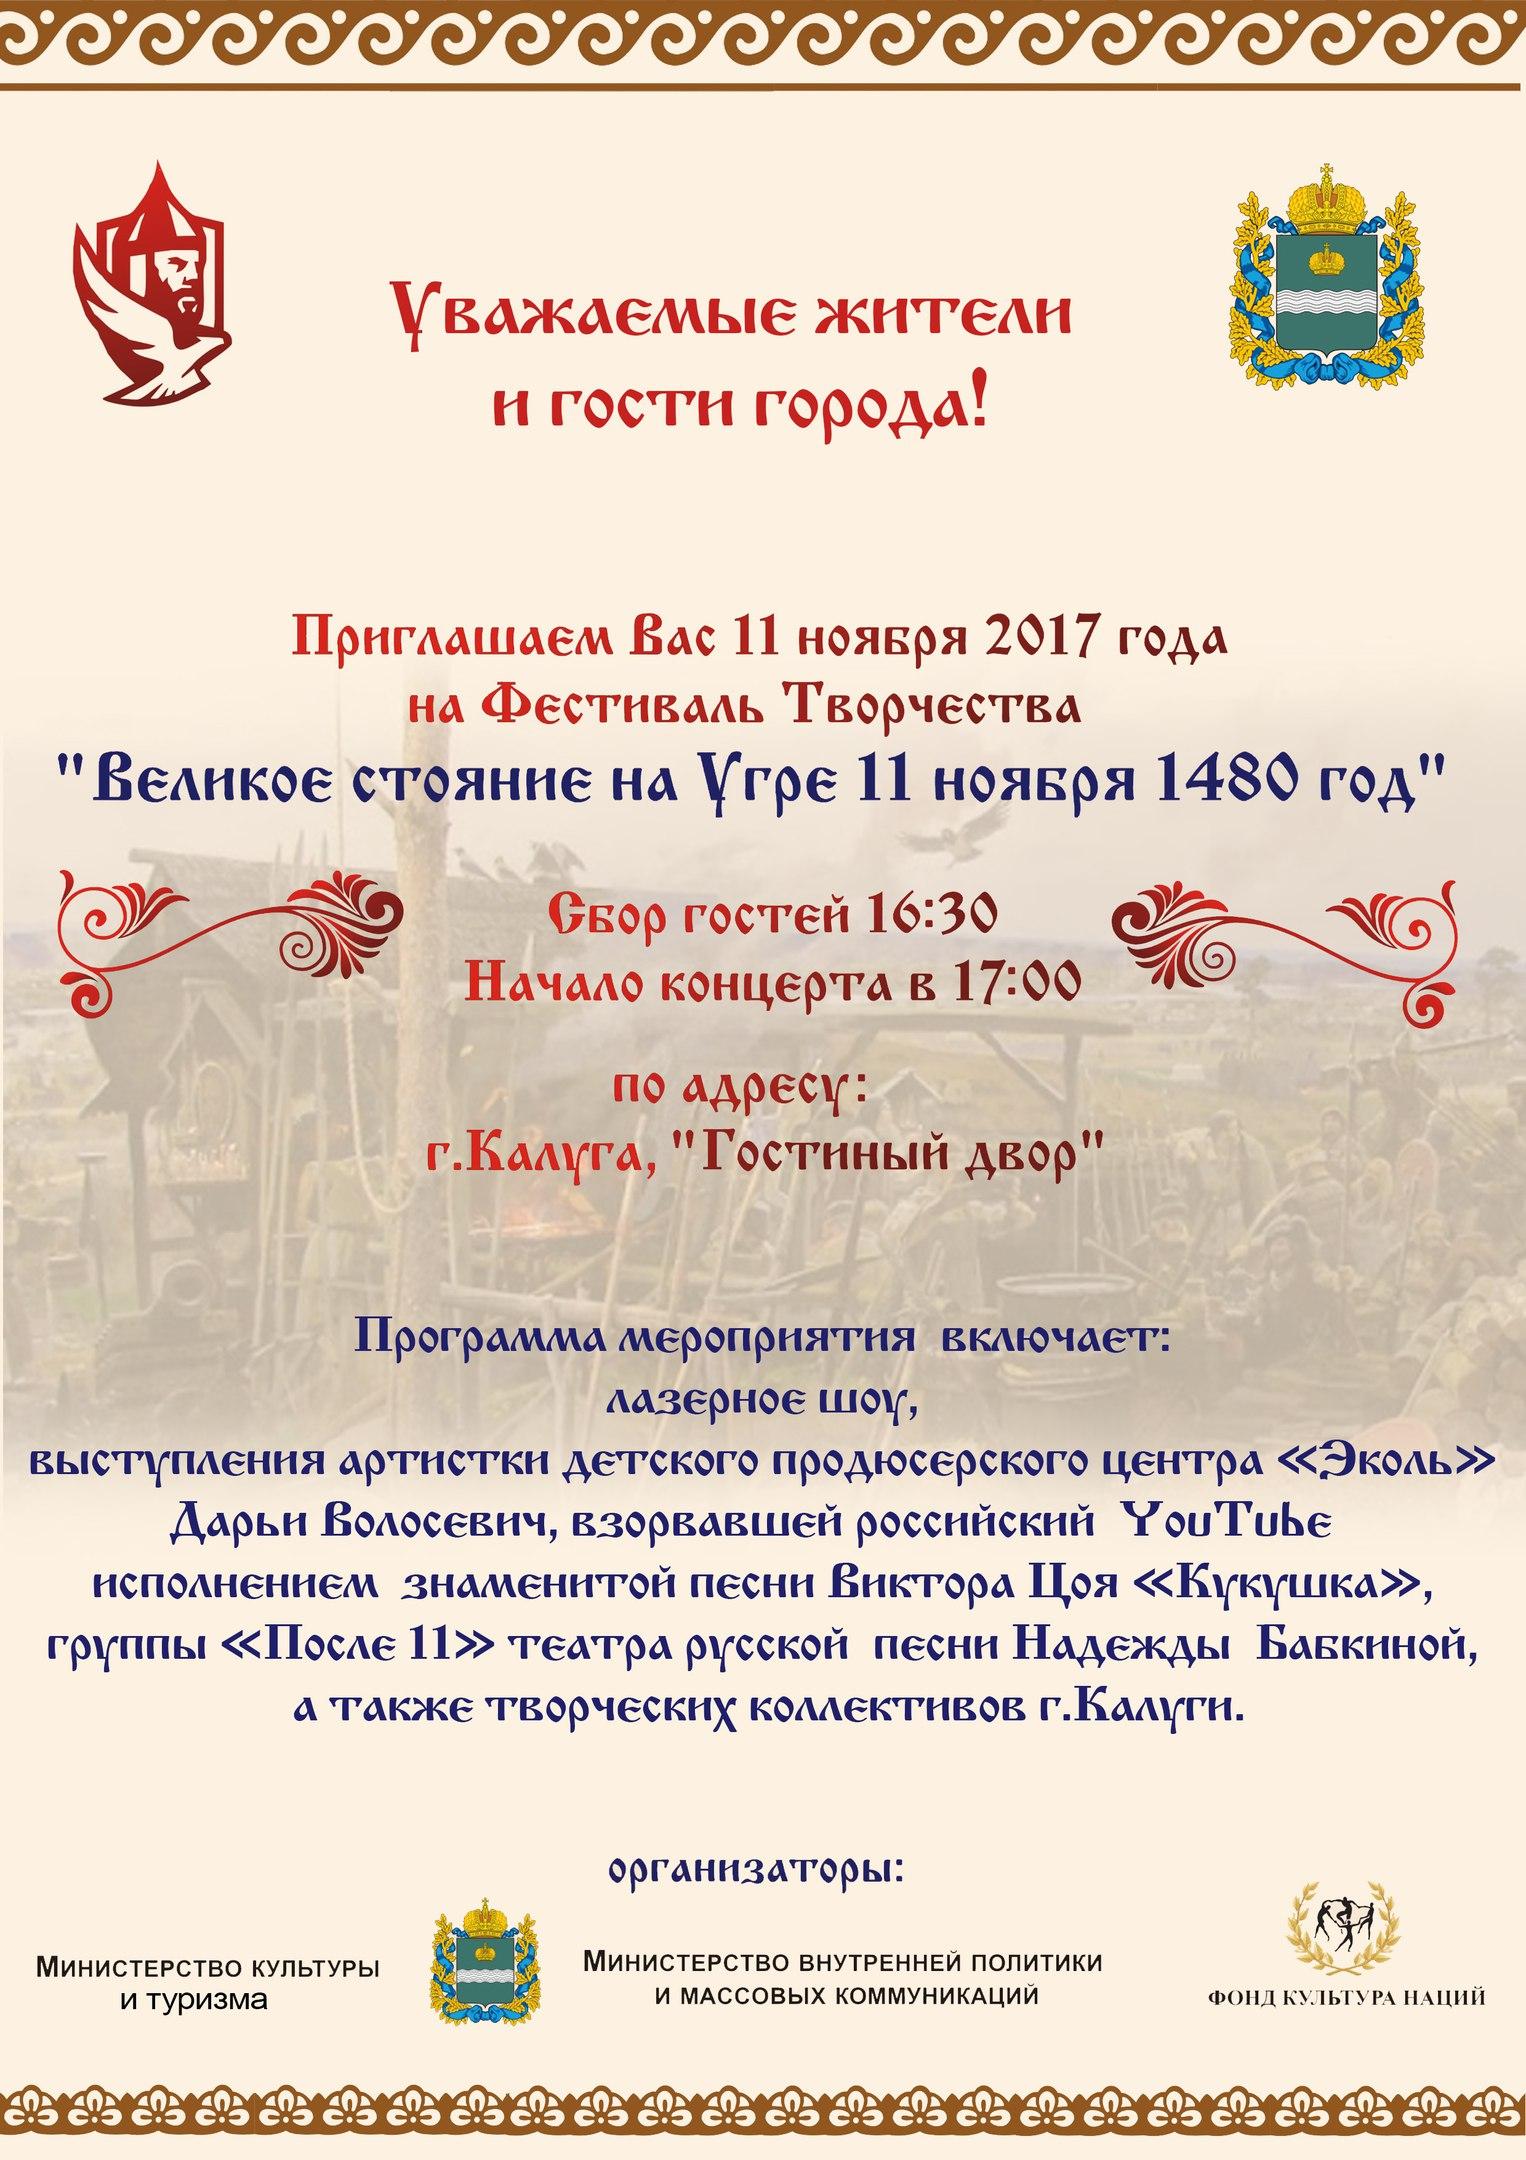 В Калуге пройдет фестиваль творчества «Великое стояние на Угре 11 ноября 1480 год»